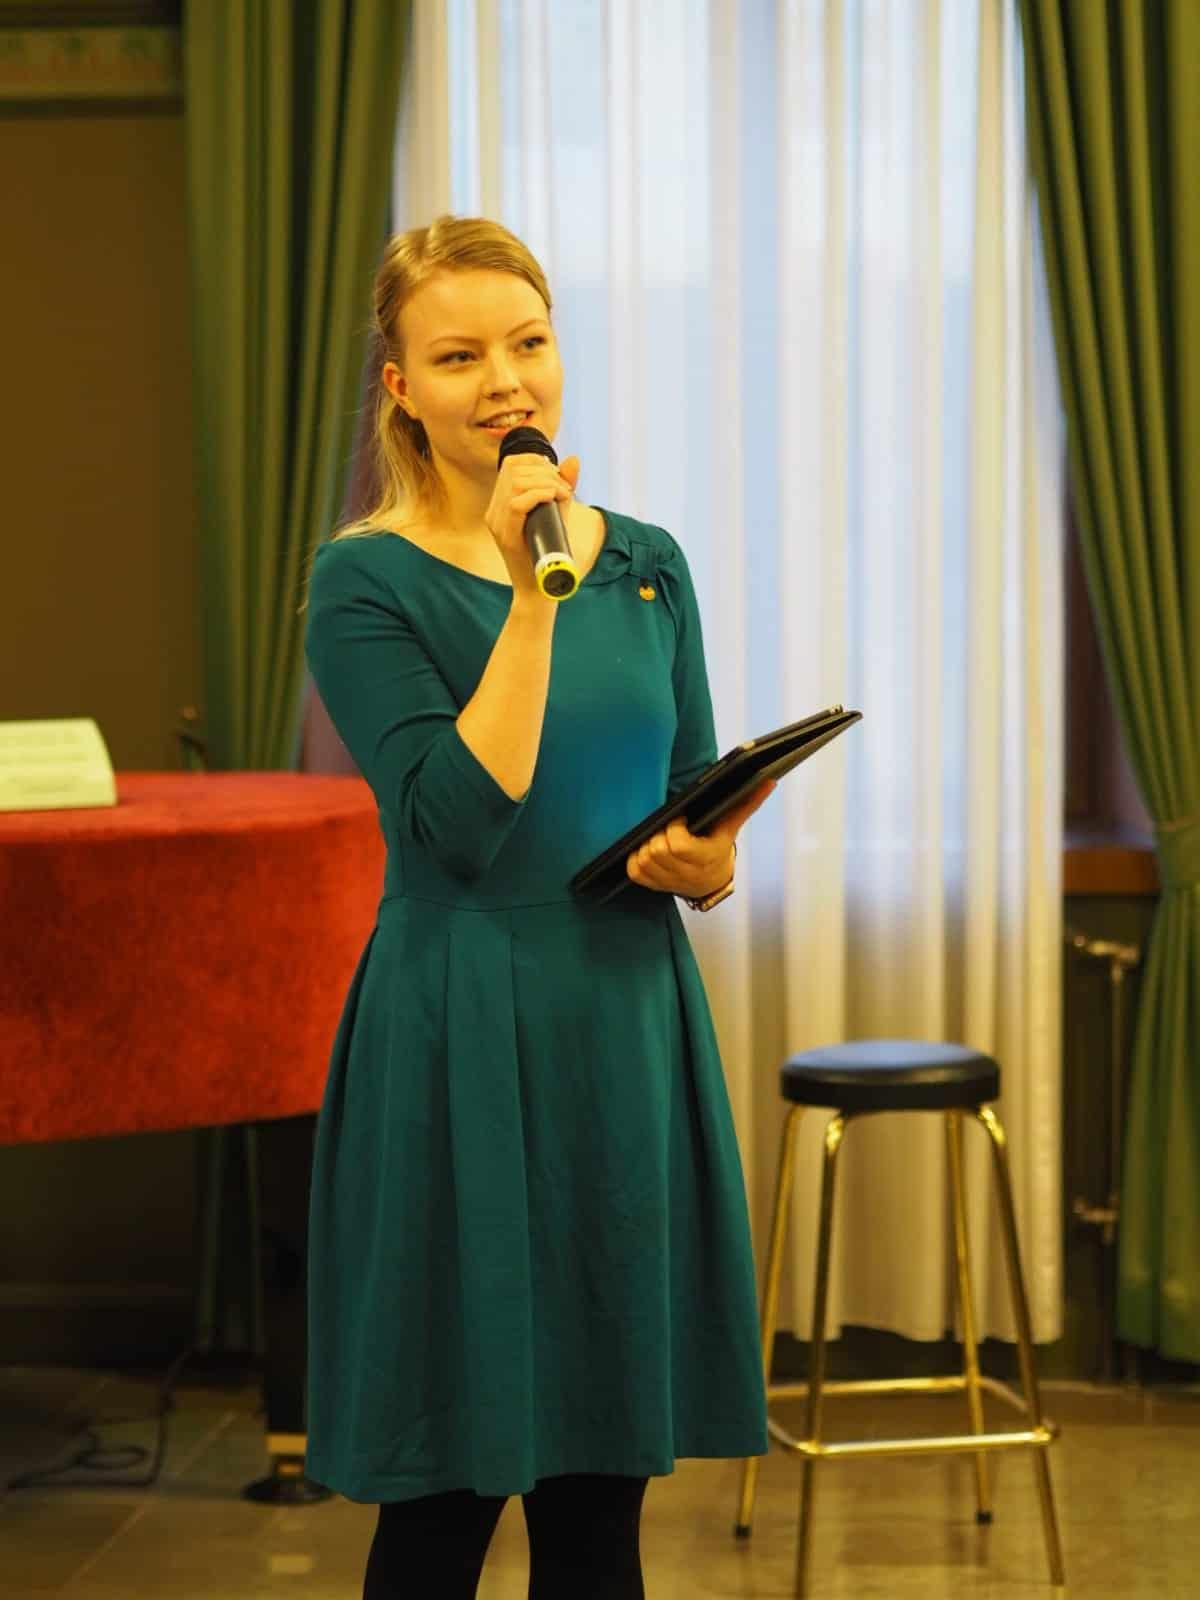 Kokoomus, #Takatalo2019, eduskuntavaalit 2019, nuoret, nuori, Nuori2019, Turku, Varsinais-Suomi, osaaminen, #äänitulevaisuudelle, koulutus, ympäristö, ilmastonmuutos, yrittäjyys